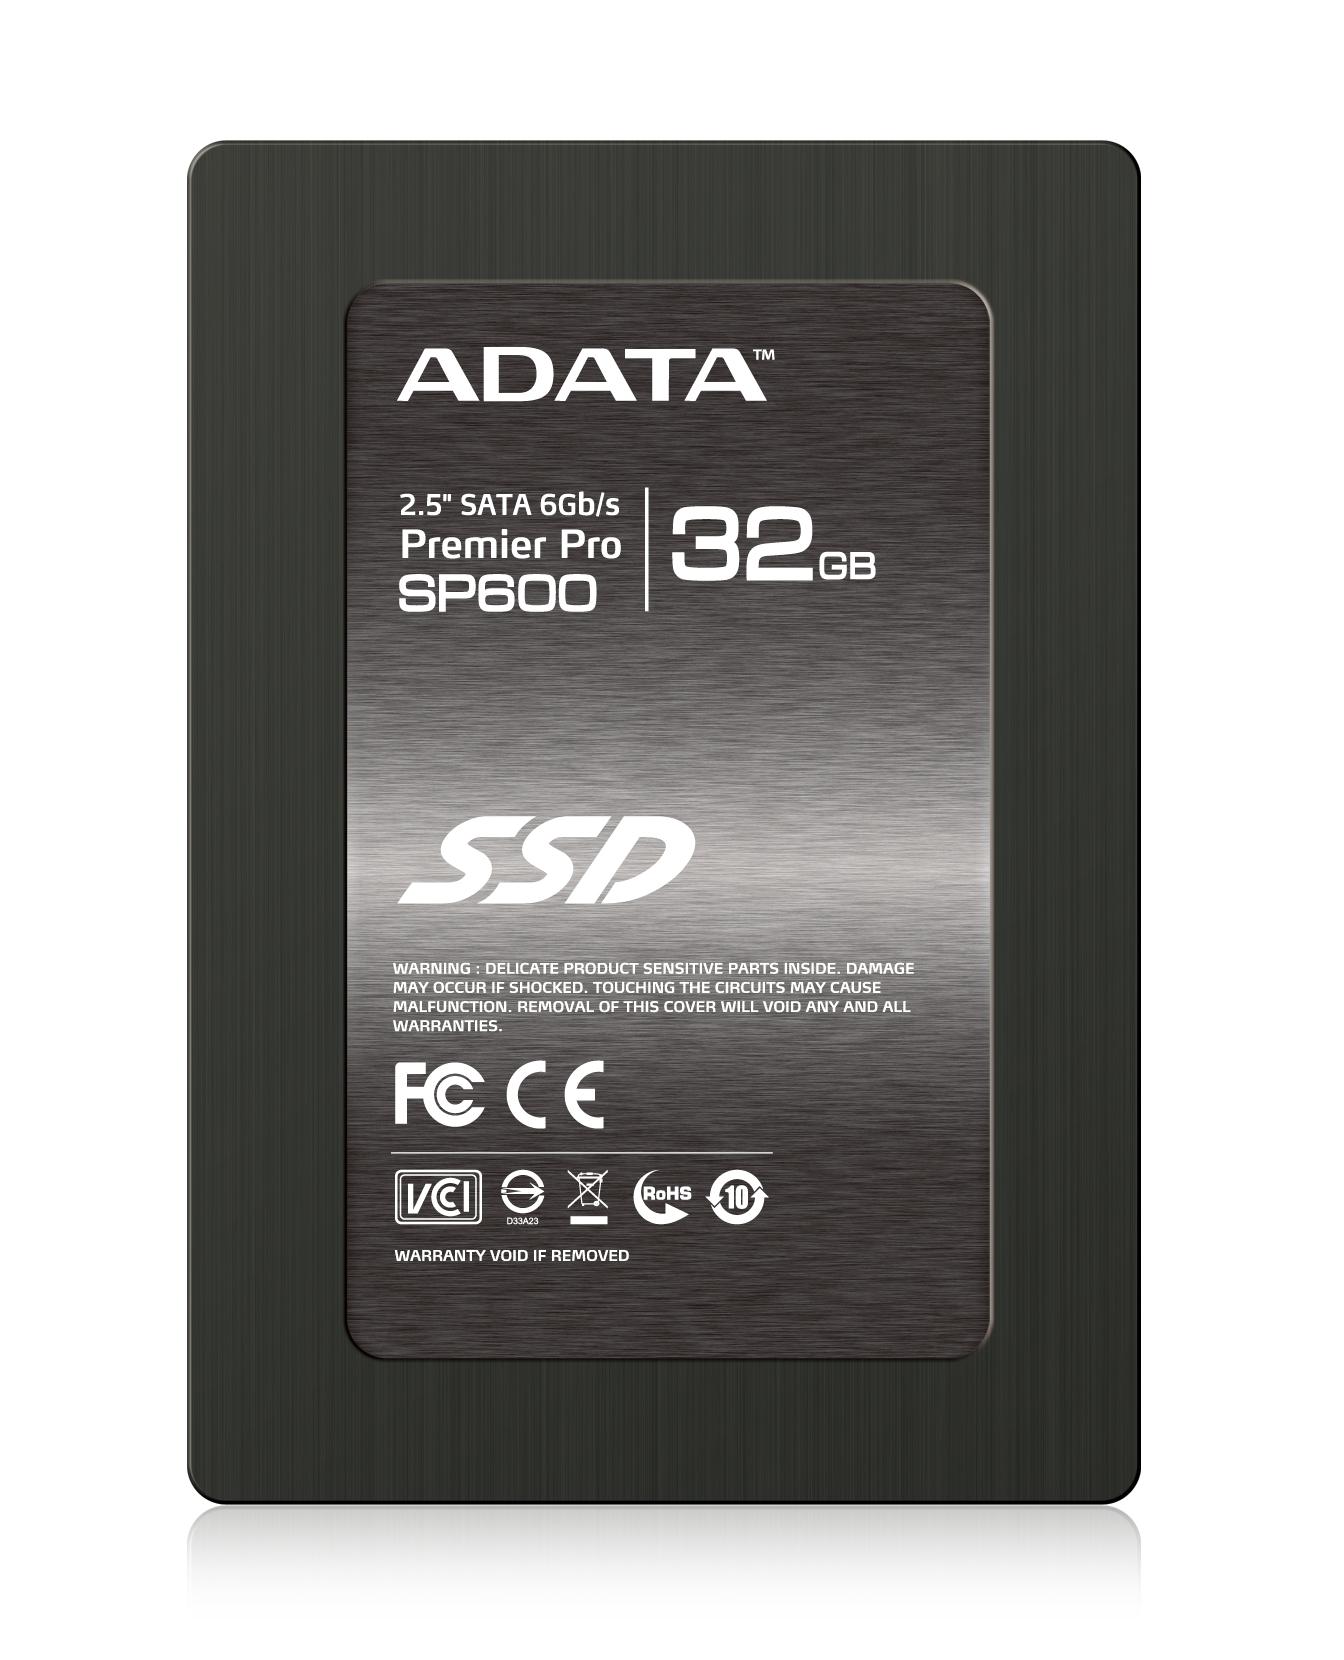 ADATA SSD SP600 32GB 2.5'' SATA III 220/37MB/s